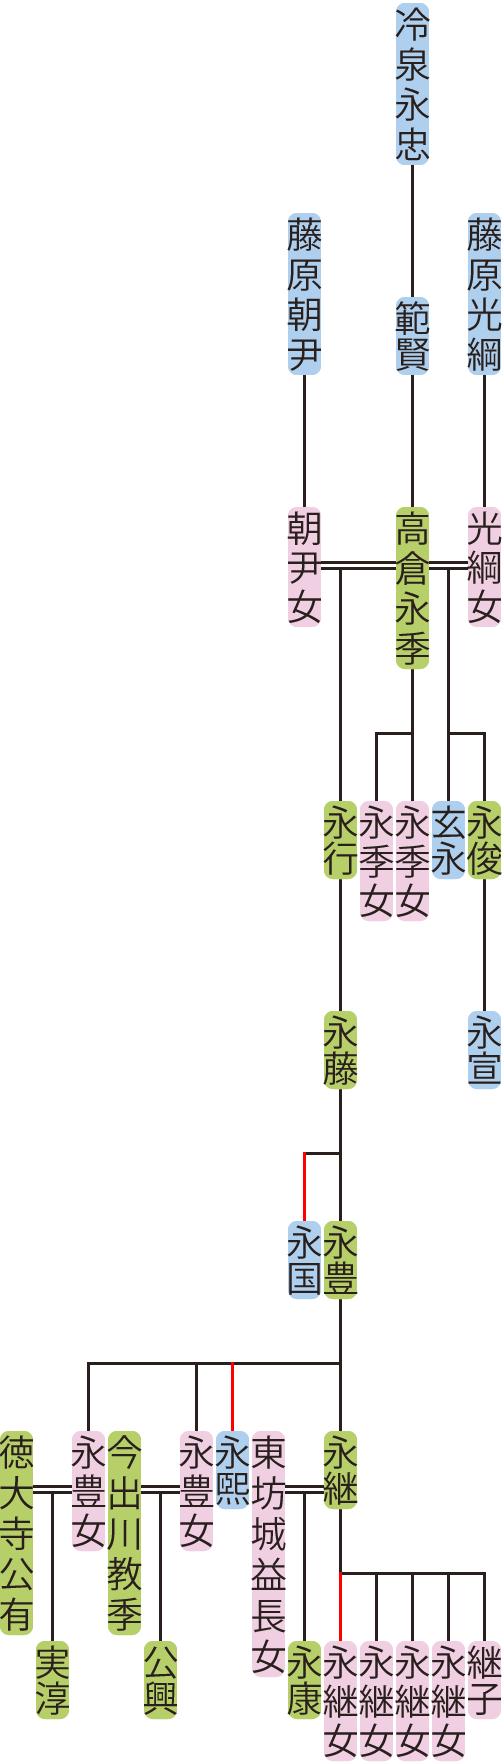 高倉永季~永豊の系図